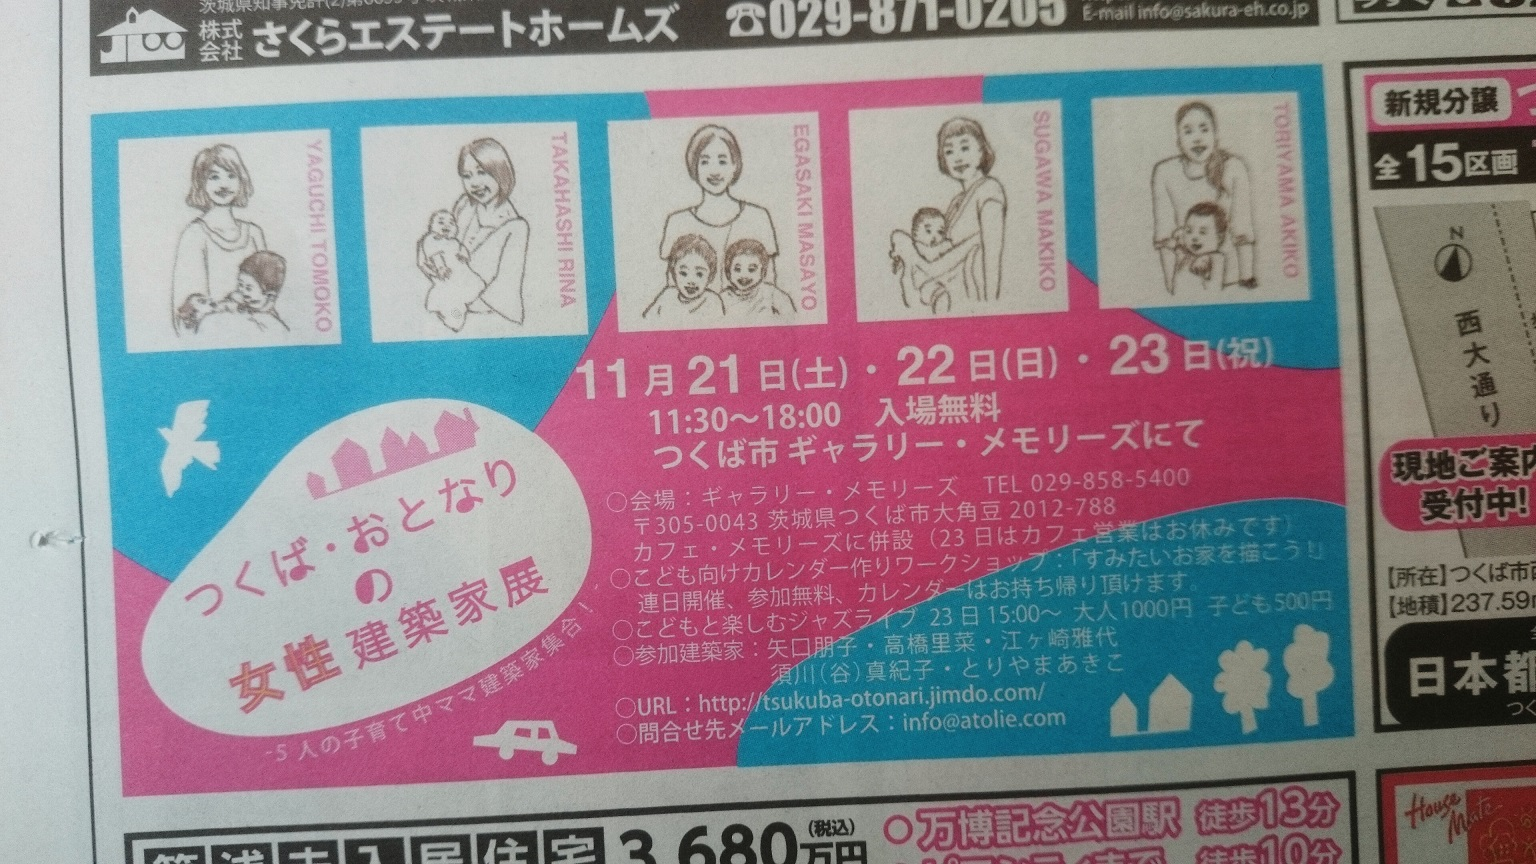 本日より開催!つくば・おとなりの「女性」建築家展_b0195324_7515768.jpg